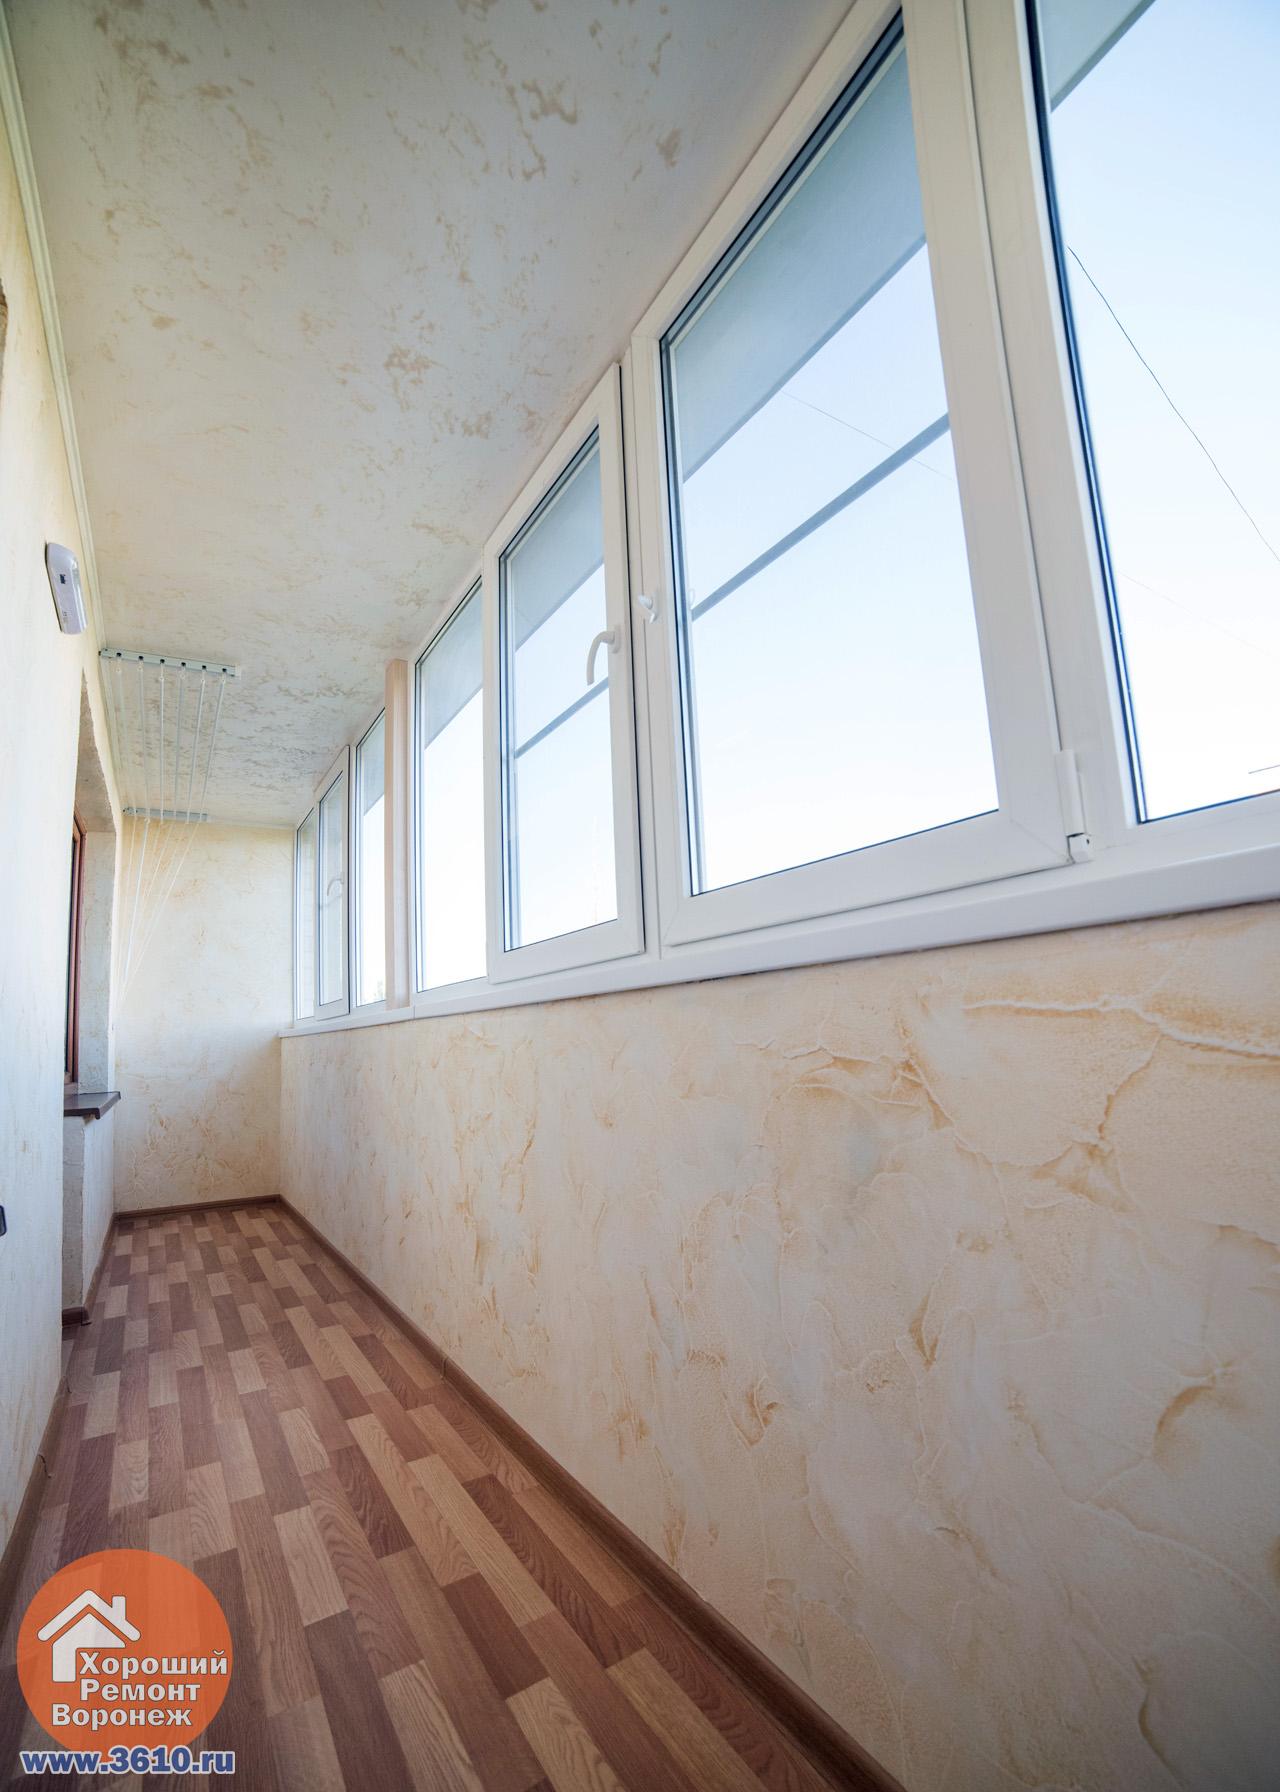 Балкон ремонт воронеж остекление балкона в северодвинске